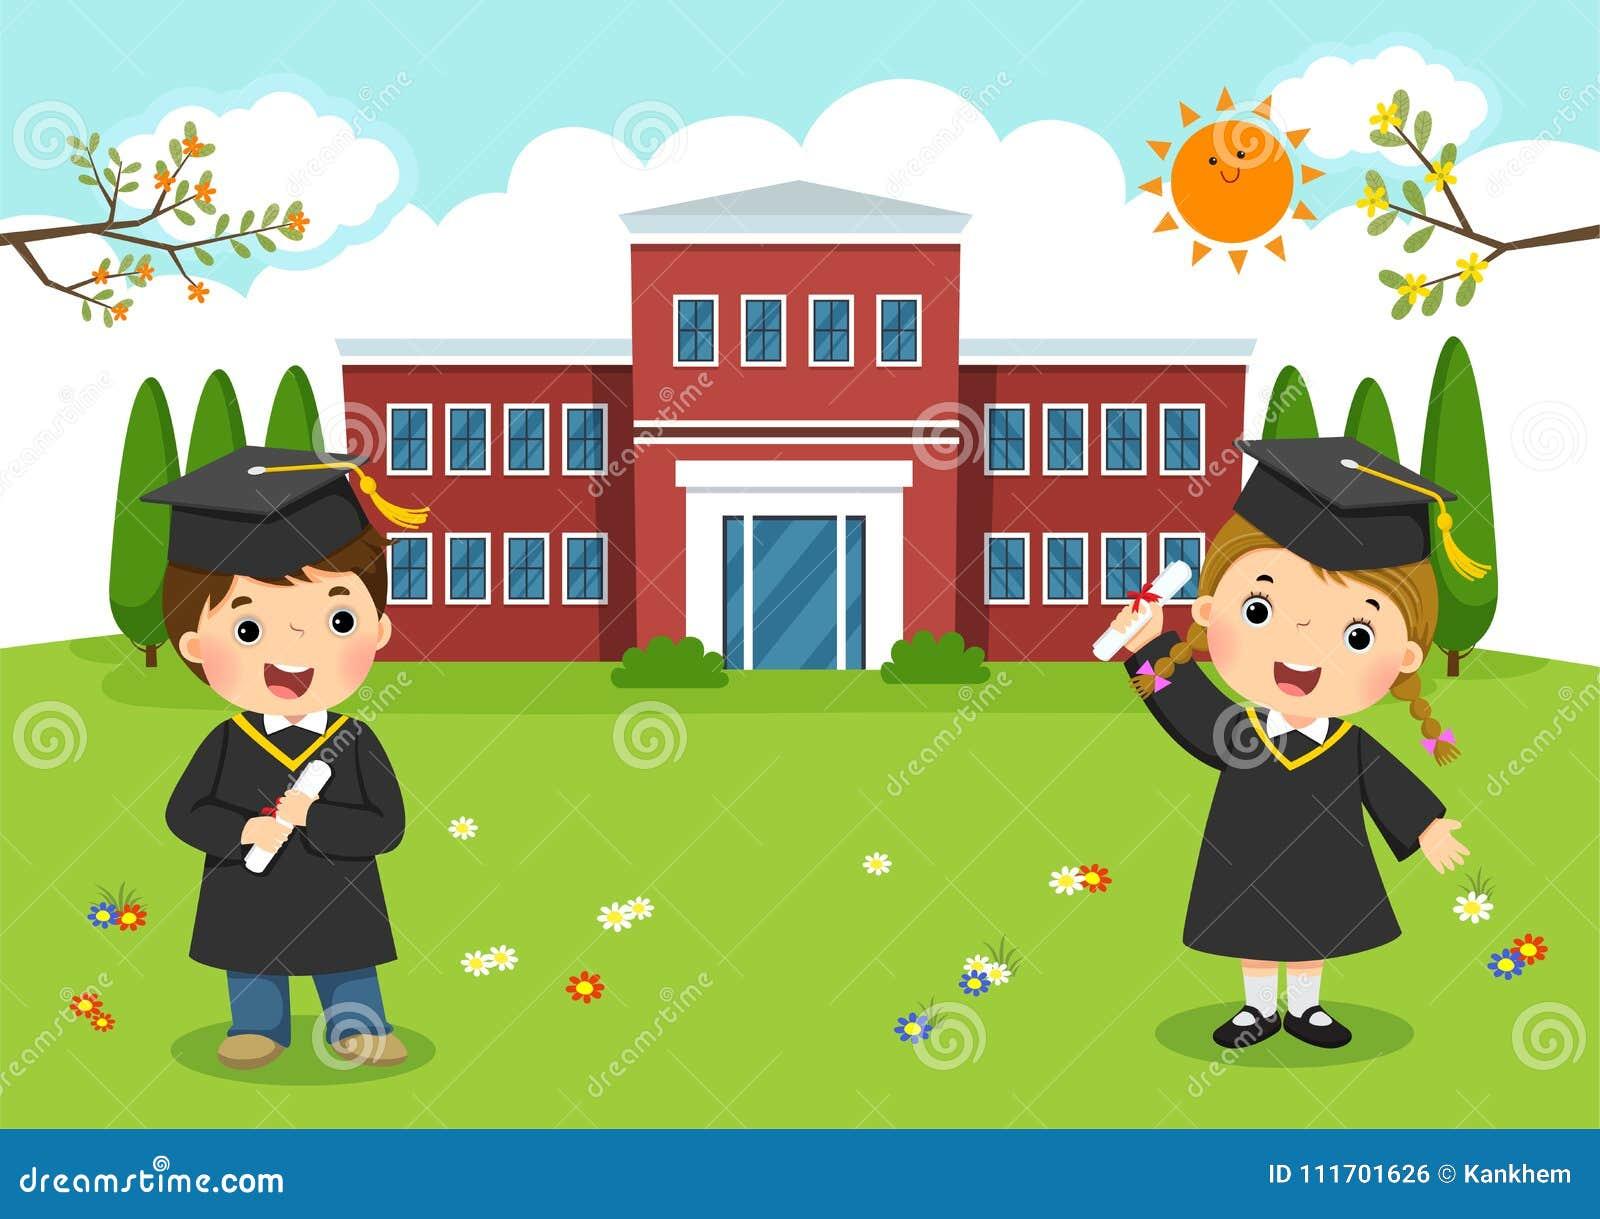 Wielki rachunek dzień ukończenia szkoły dolara szczęśliwy gospodarstwa Szkoła żartuje skalowanie przed szkołą